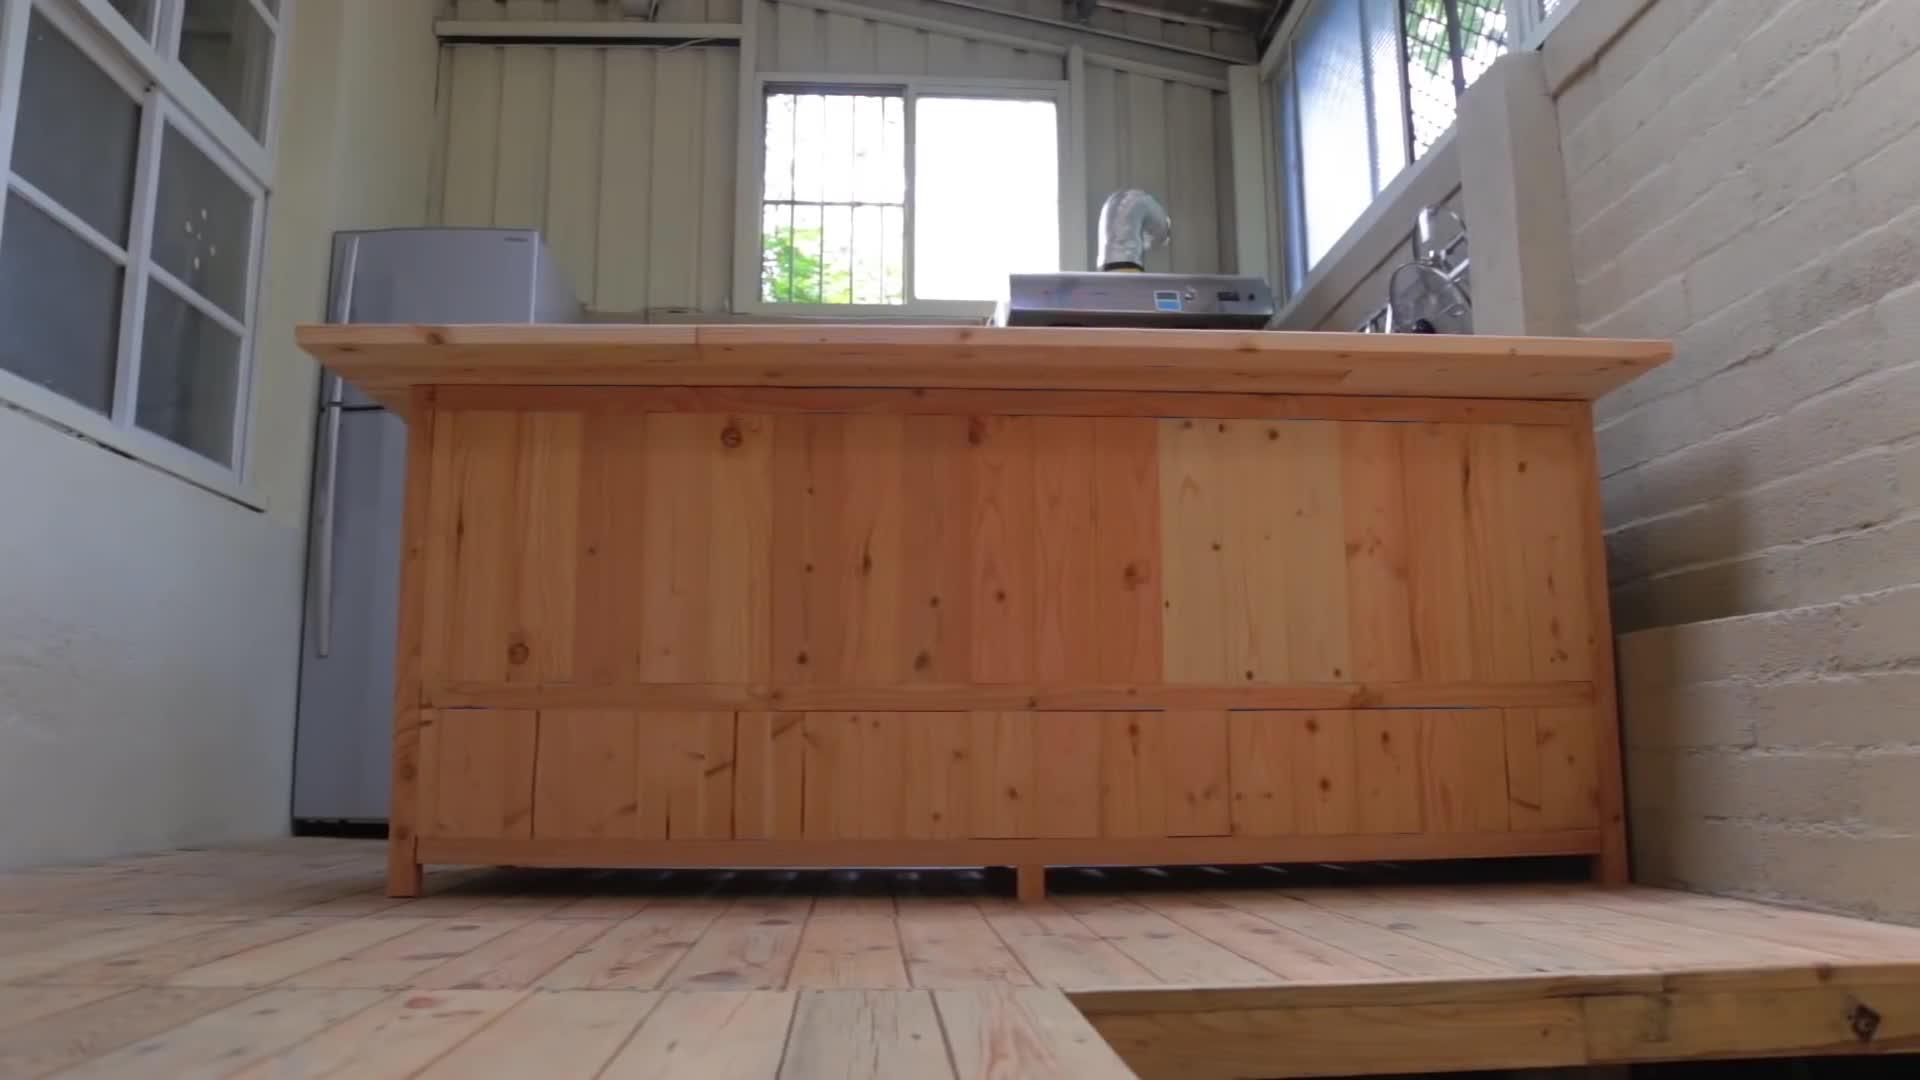 「木工视频」极简风日式厨房中岛 - 山小日子